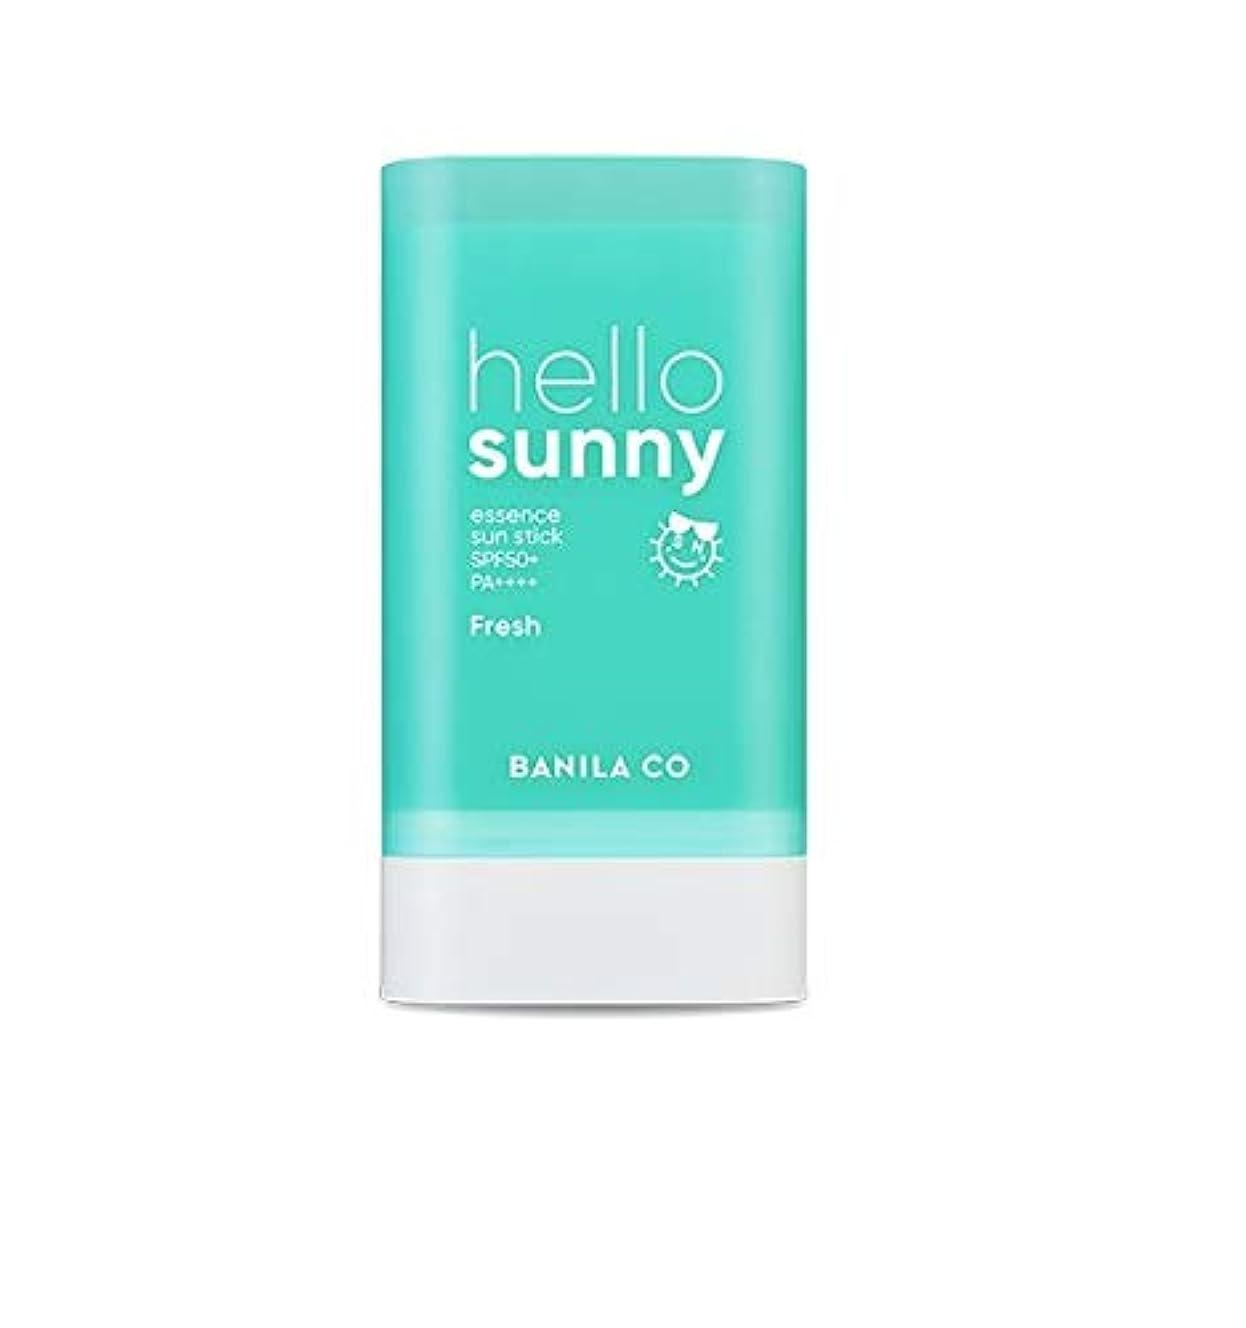 クック必要性一口banilaco ハローサニーエッセンスサンスティックフレッシュ/Hello Sunny Essence SunStick Fresh 18.5g [並行輸入品]